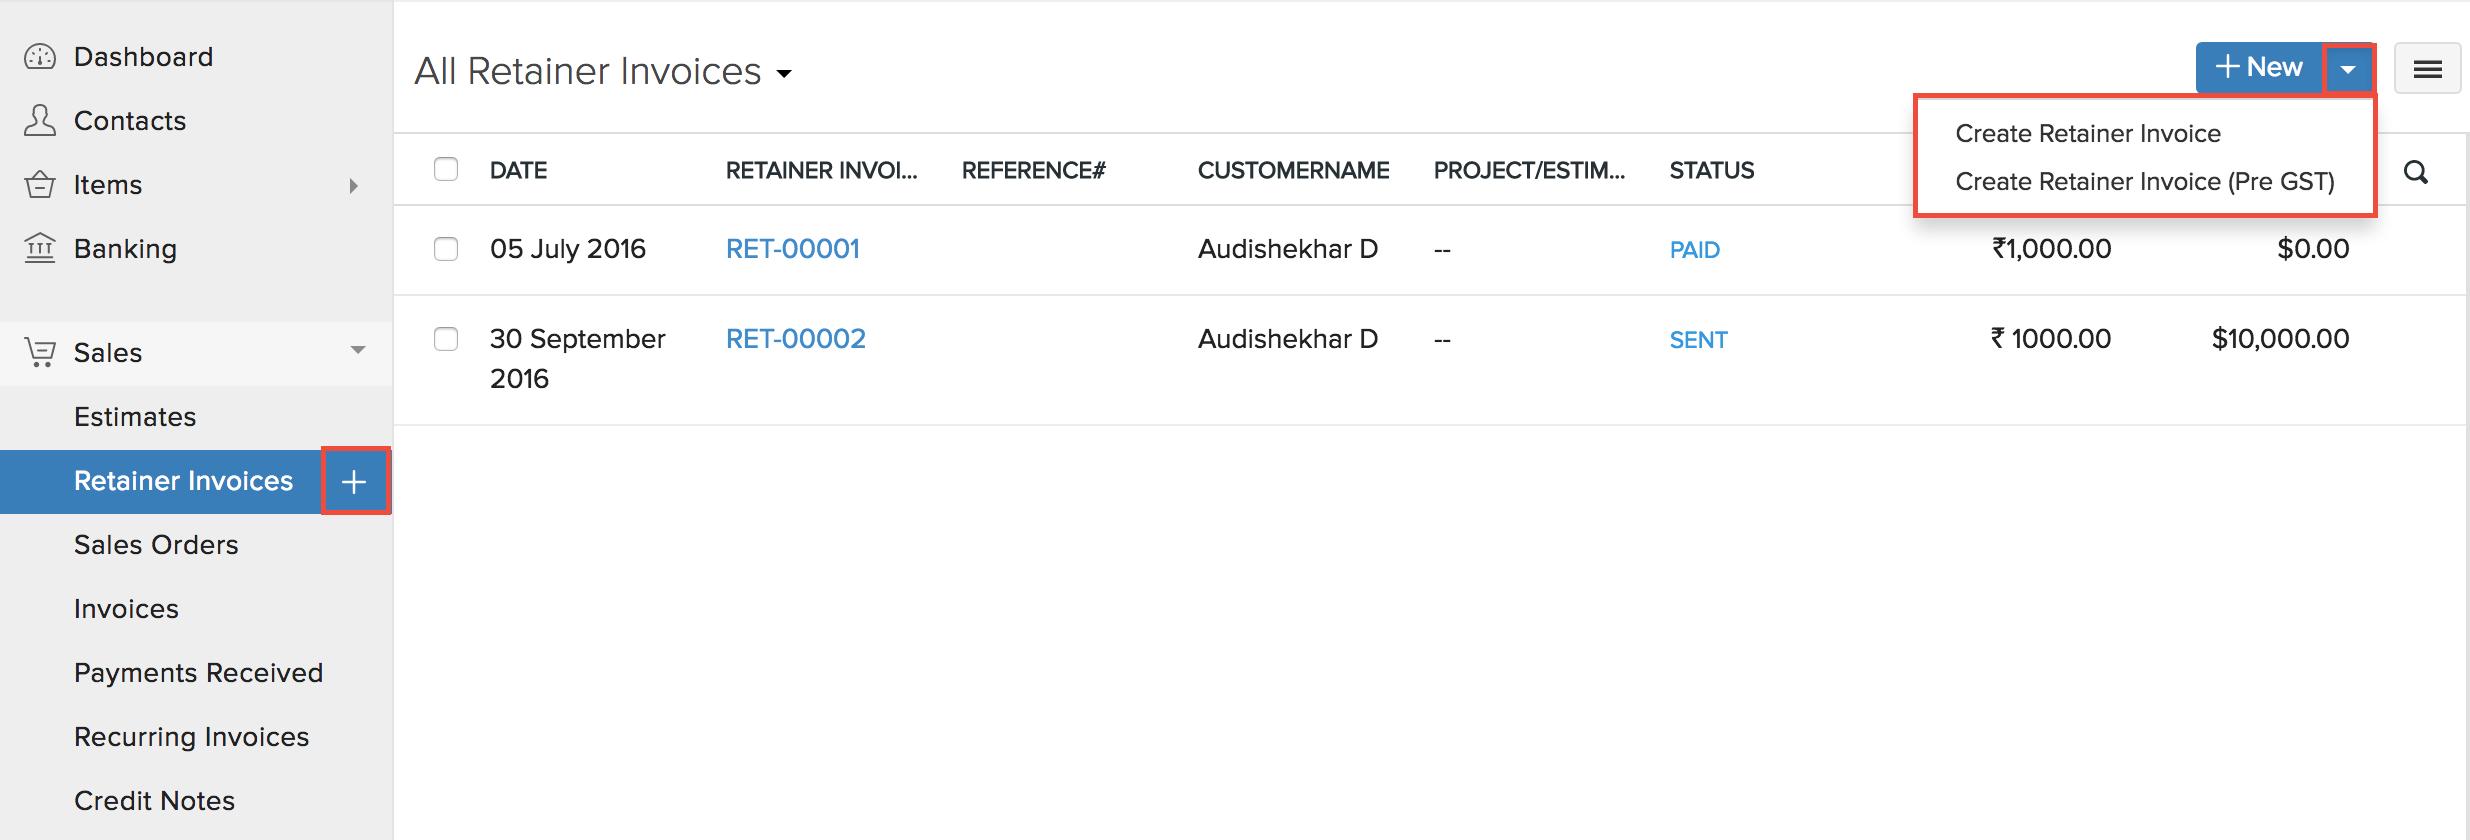 New Retainer Invoice